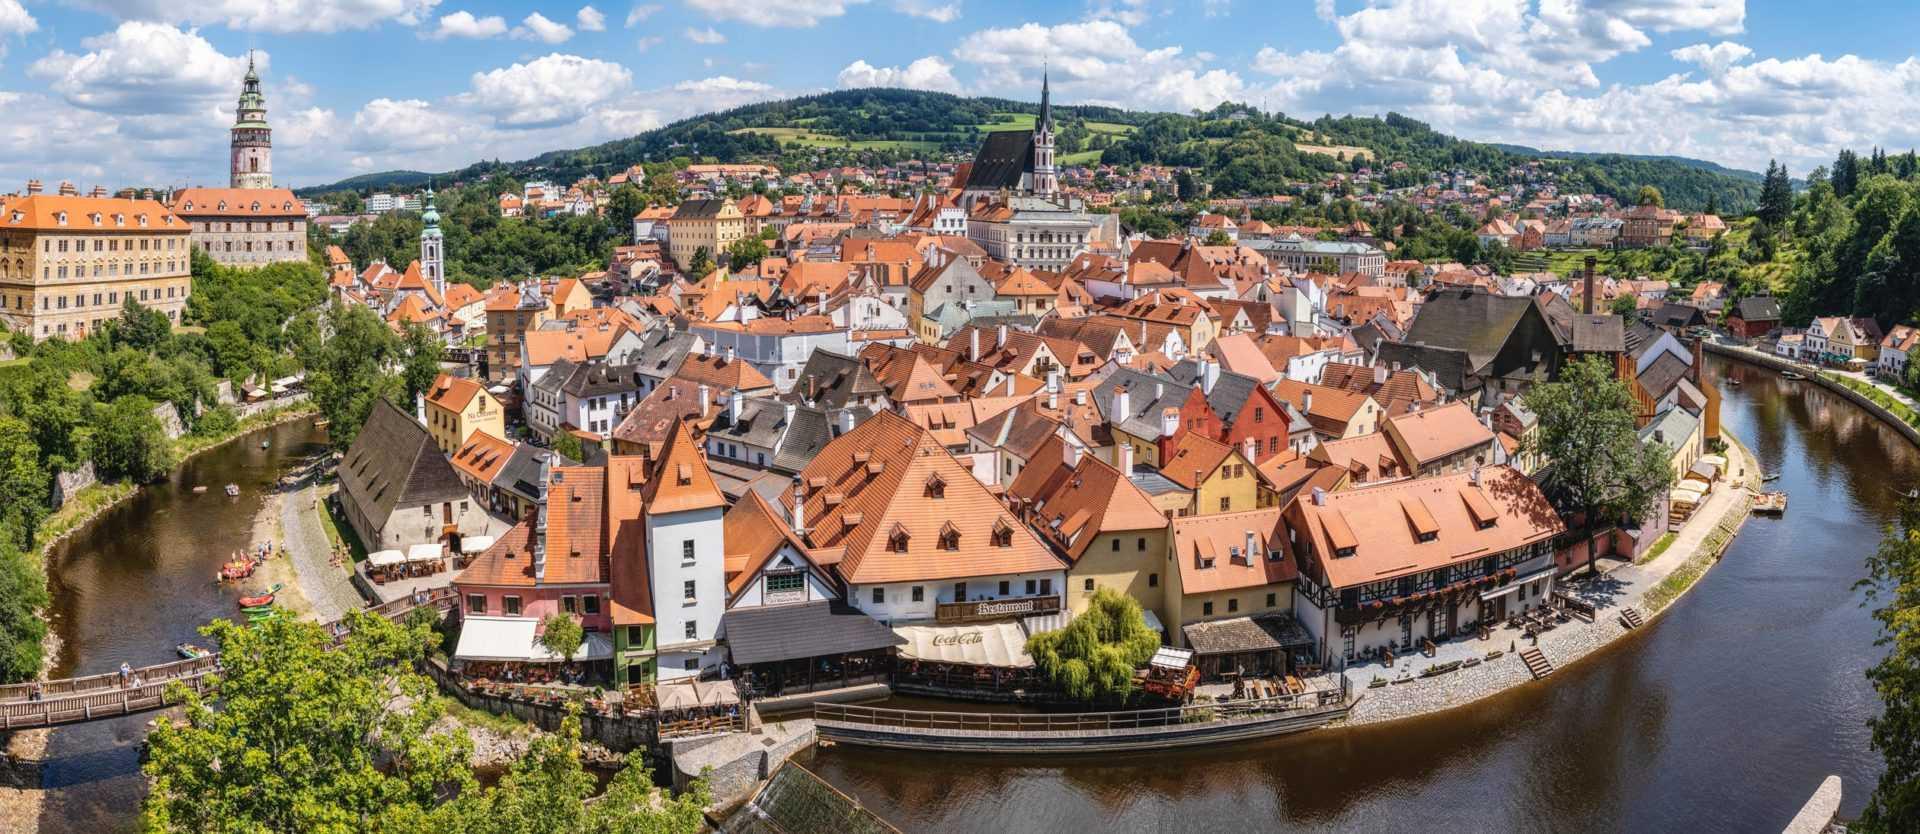 В Чехии открыли все достопримечательности